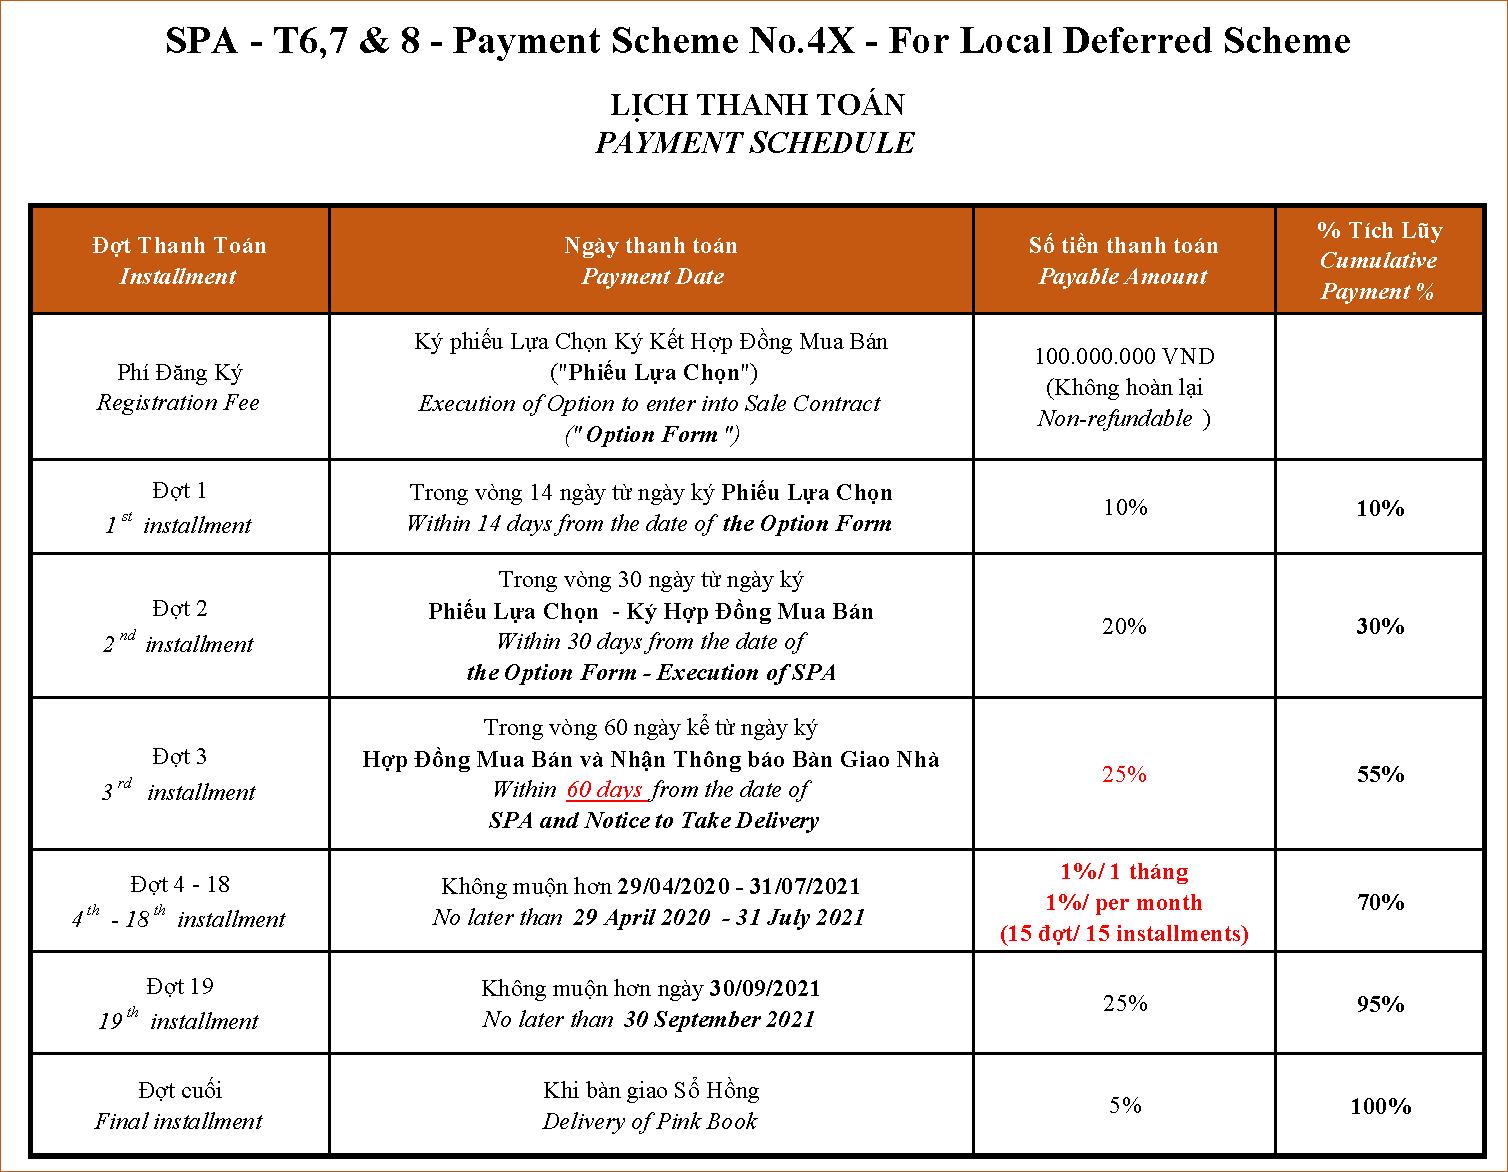 Lịch thanh toán trả chậm đến 2021 tháp 6, tháp 7 và tháp 8 căn hộ The View - Riviera Point quận 7 - Keppel Land.